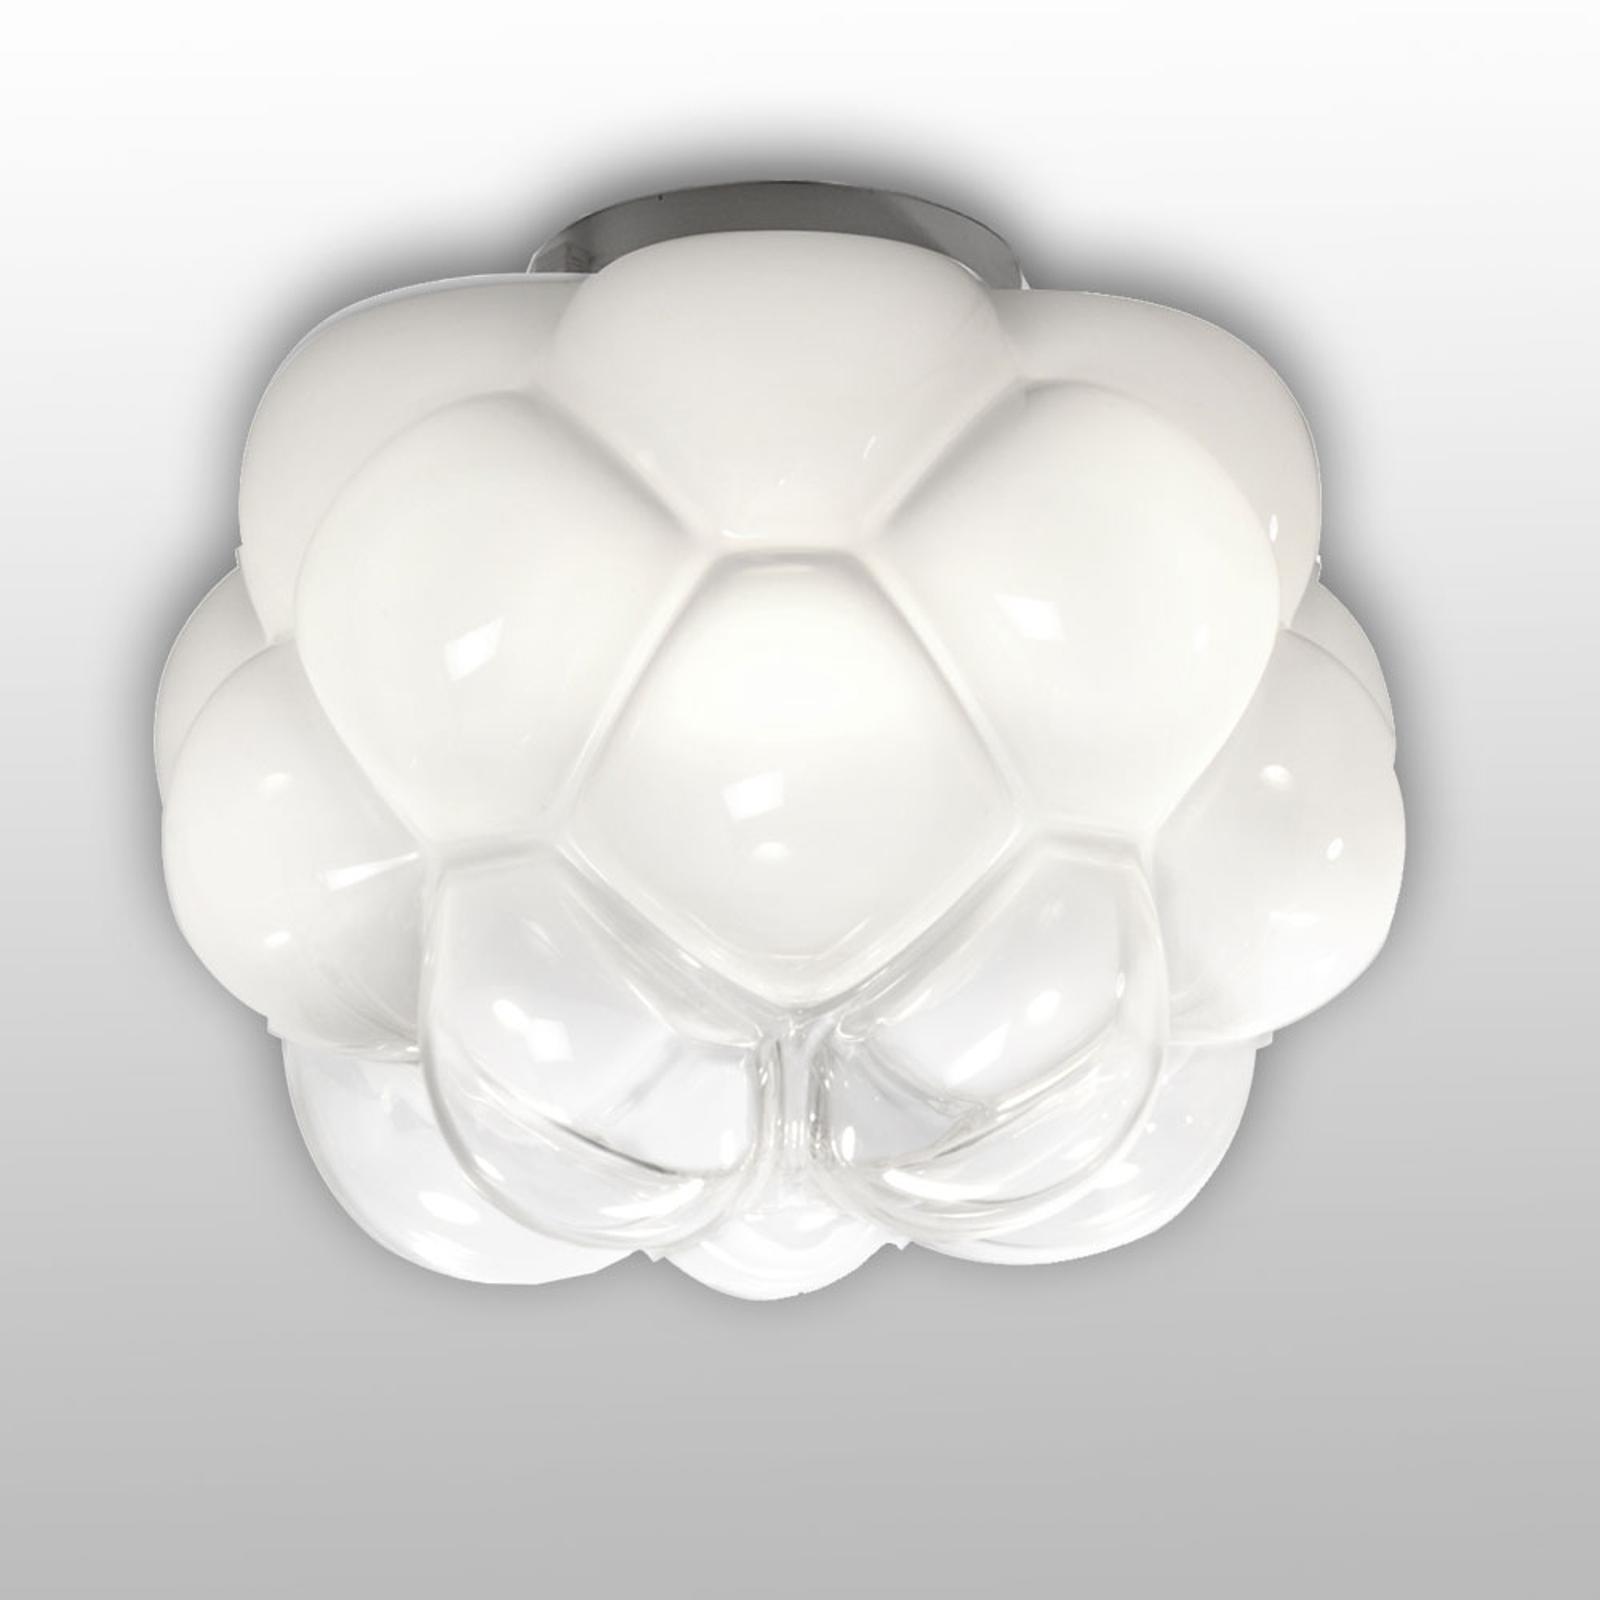 Plafonnier LED en forme de nuage Cloudy 26 cm